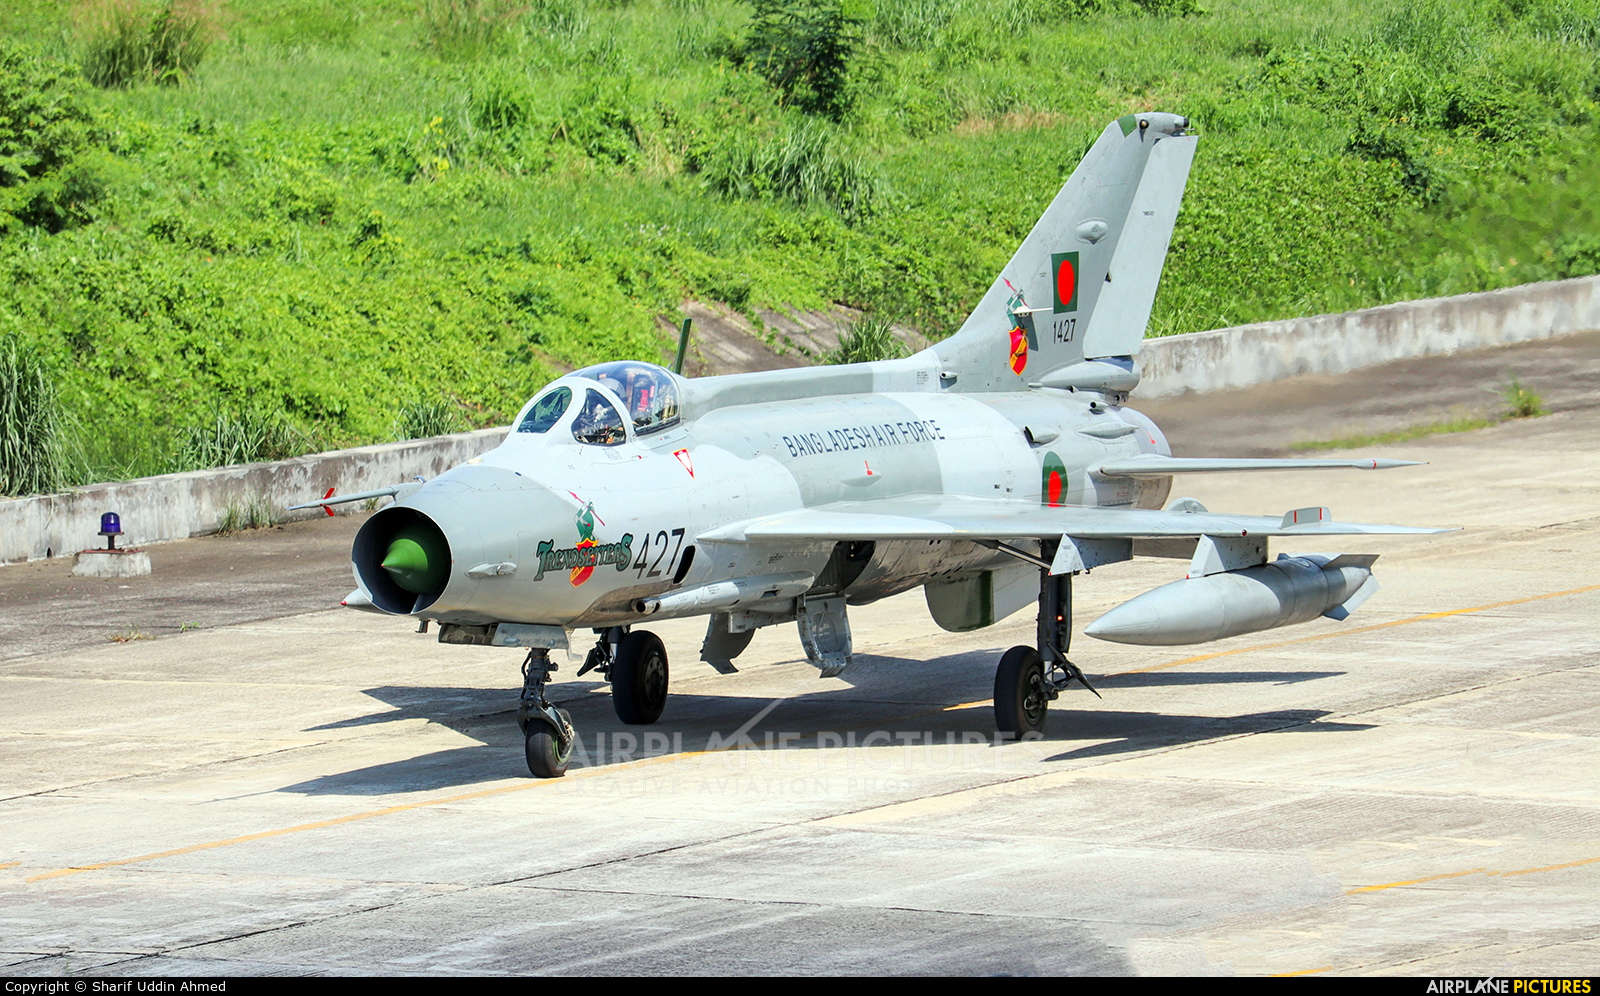 Bangladesh - Air Force 1427 aircraft at Dhaka - Hazrat Shahjala Intl